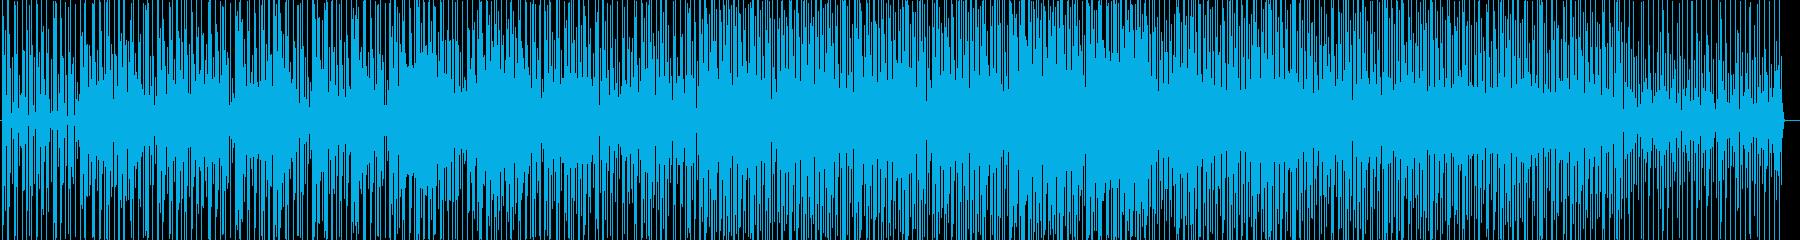 法人 サスペンス 技術的な adv...の再生済みの波形